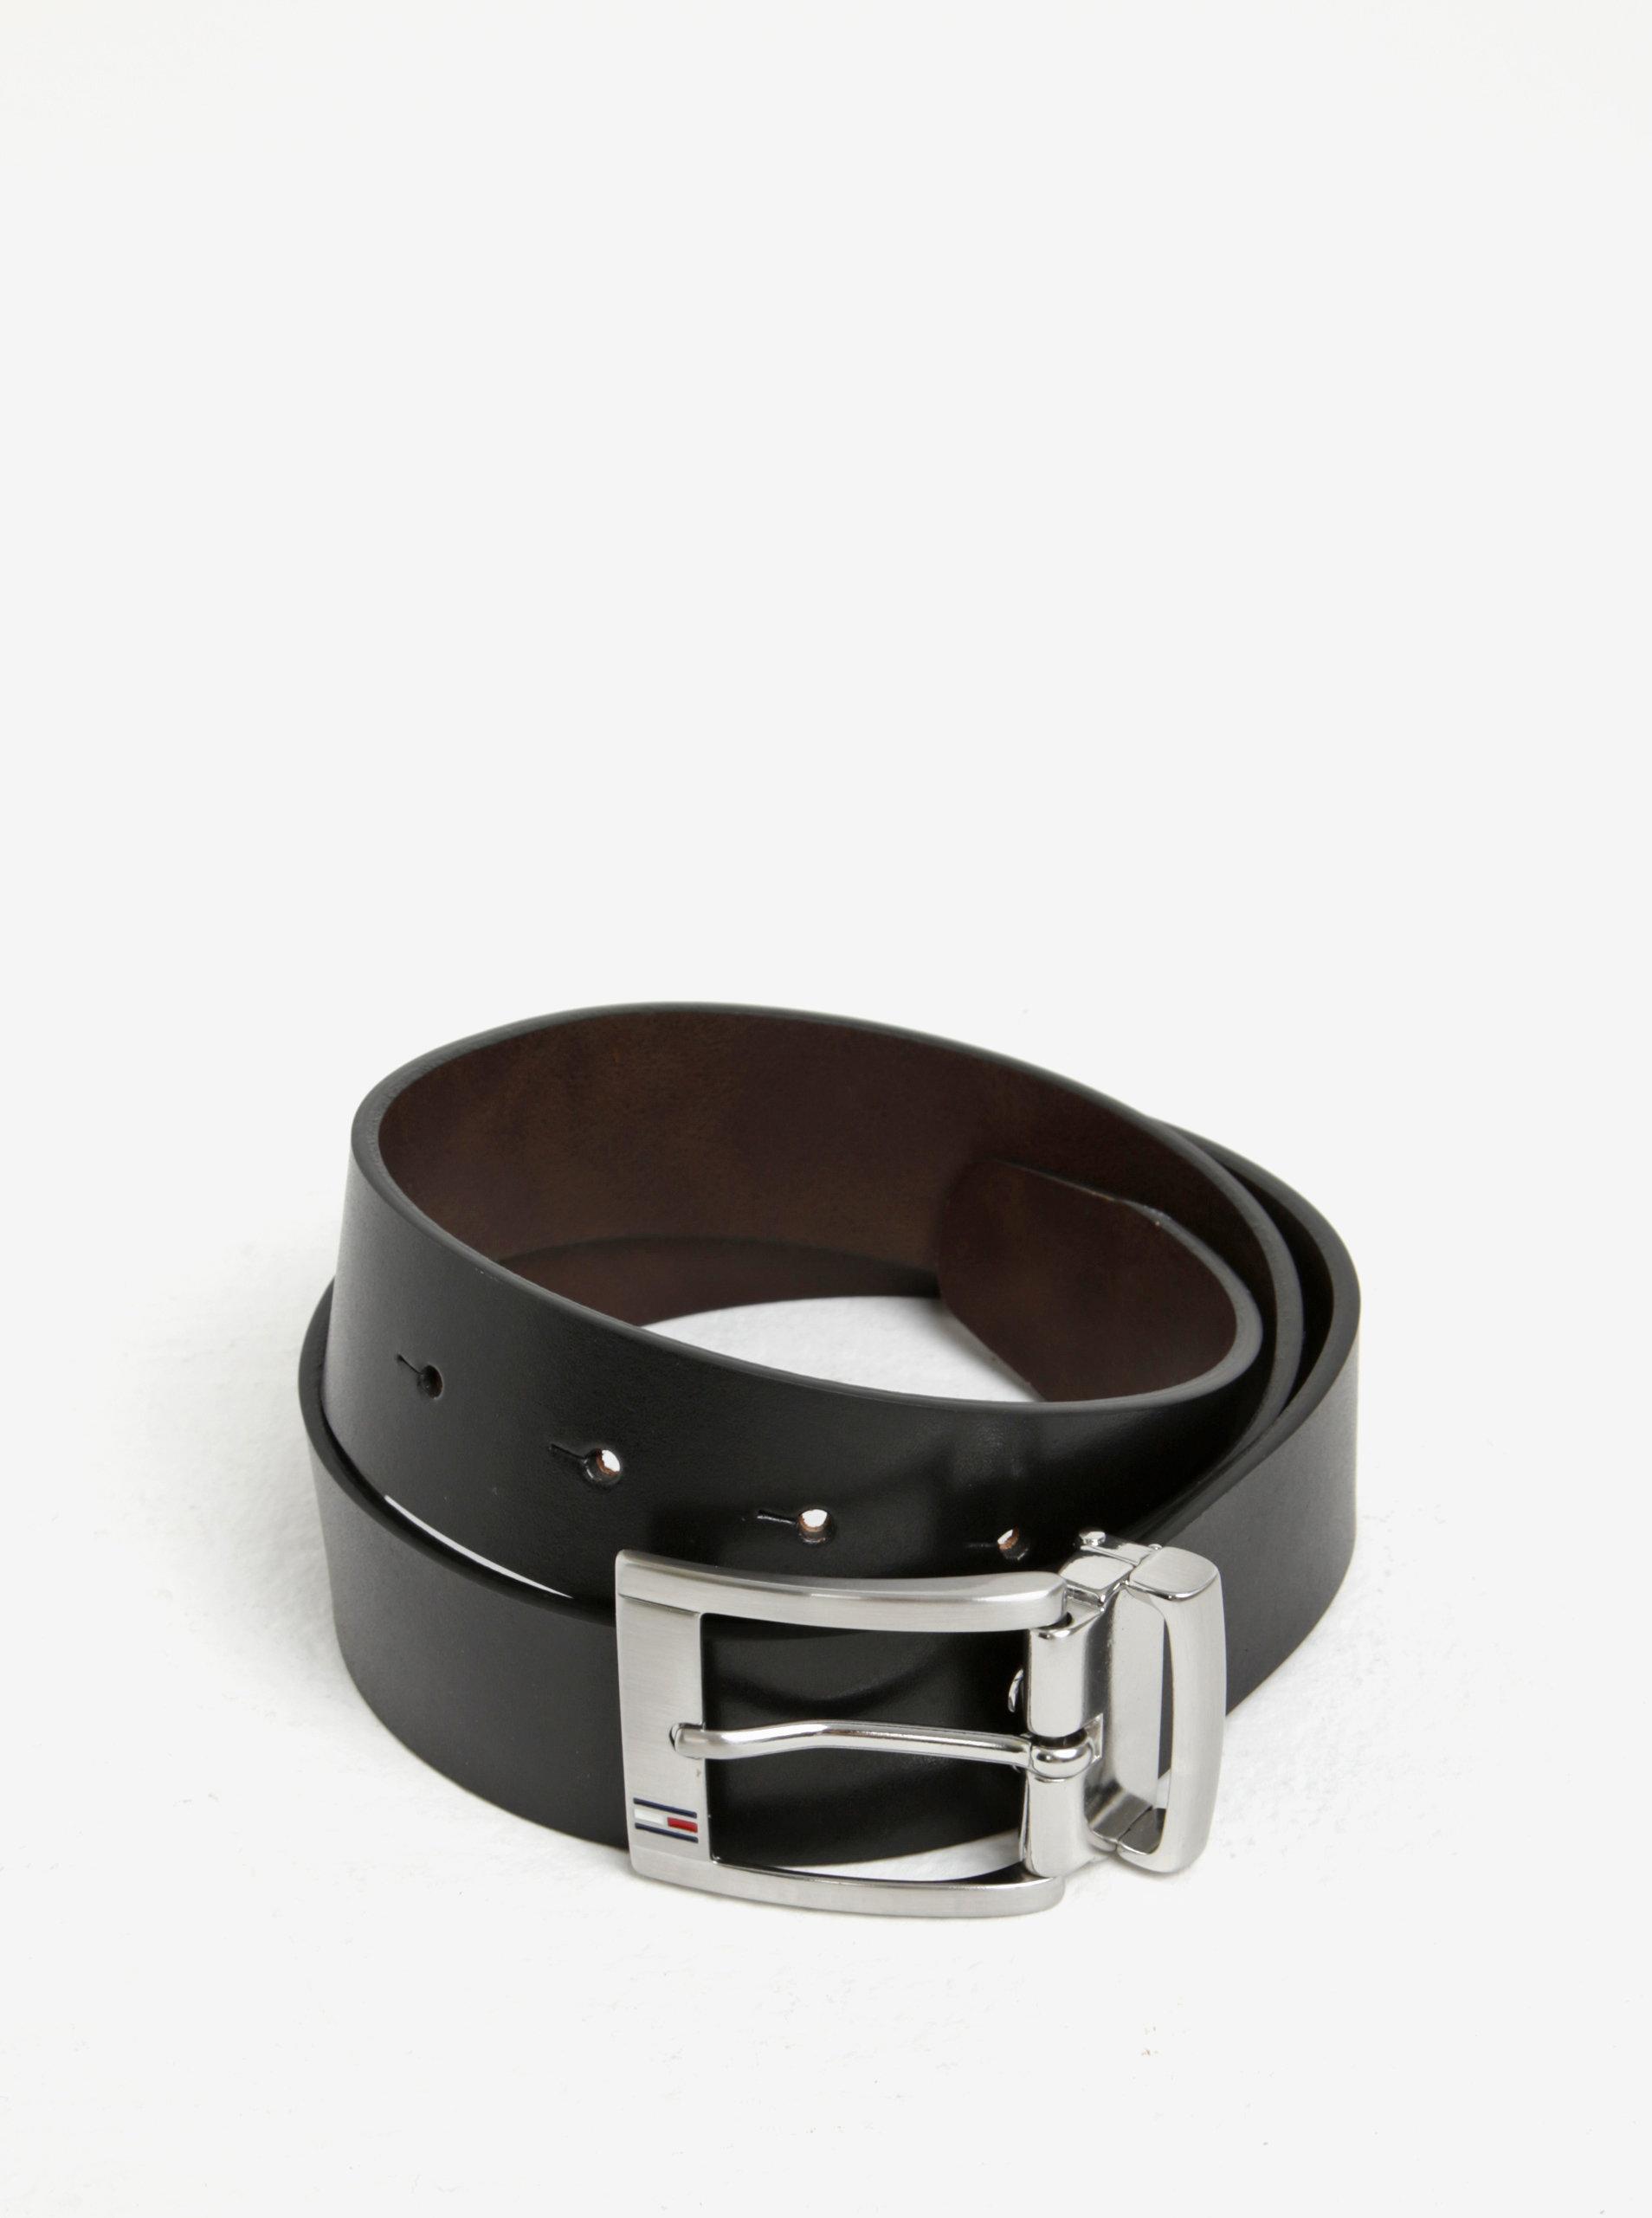 8de7f8a5745 Černý pánský kožený pásek Tommy Hilfiger ...